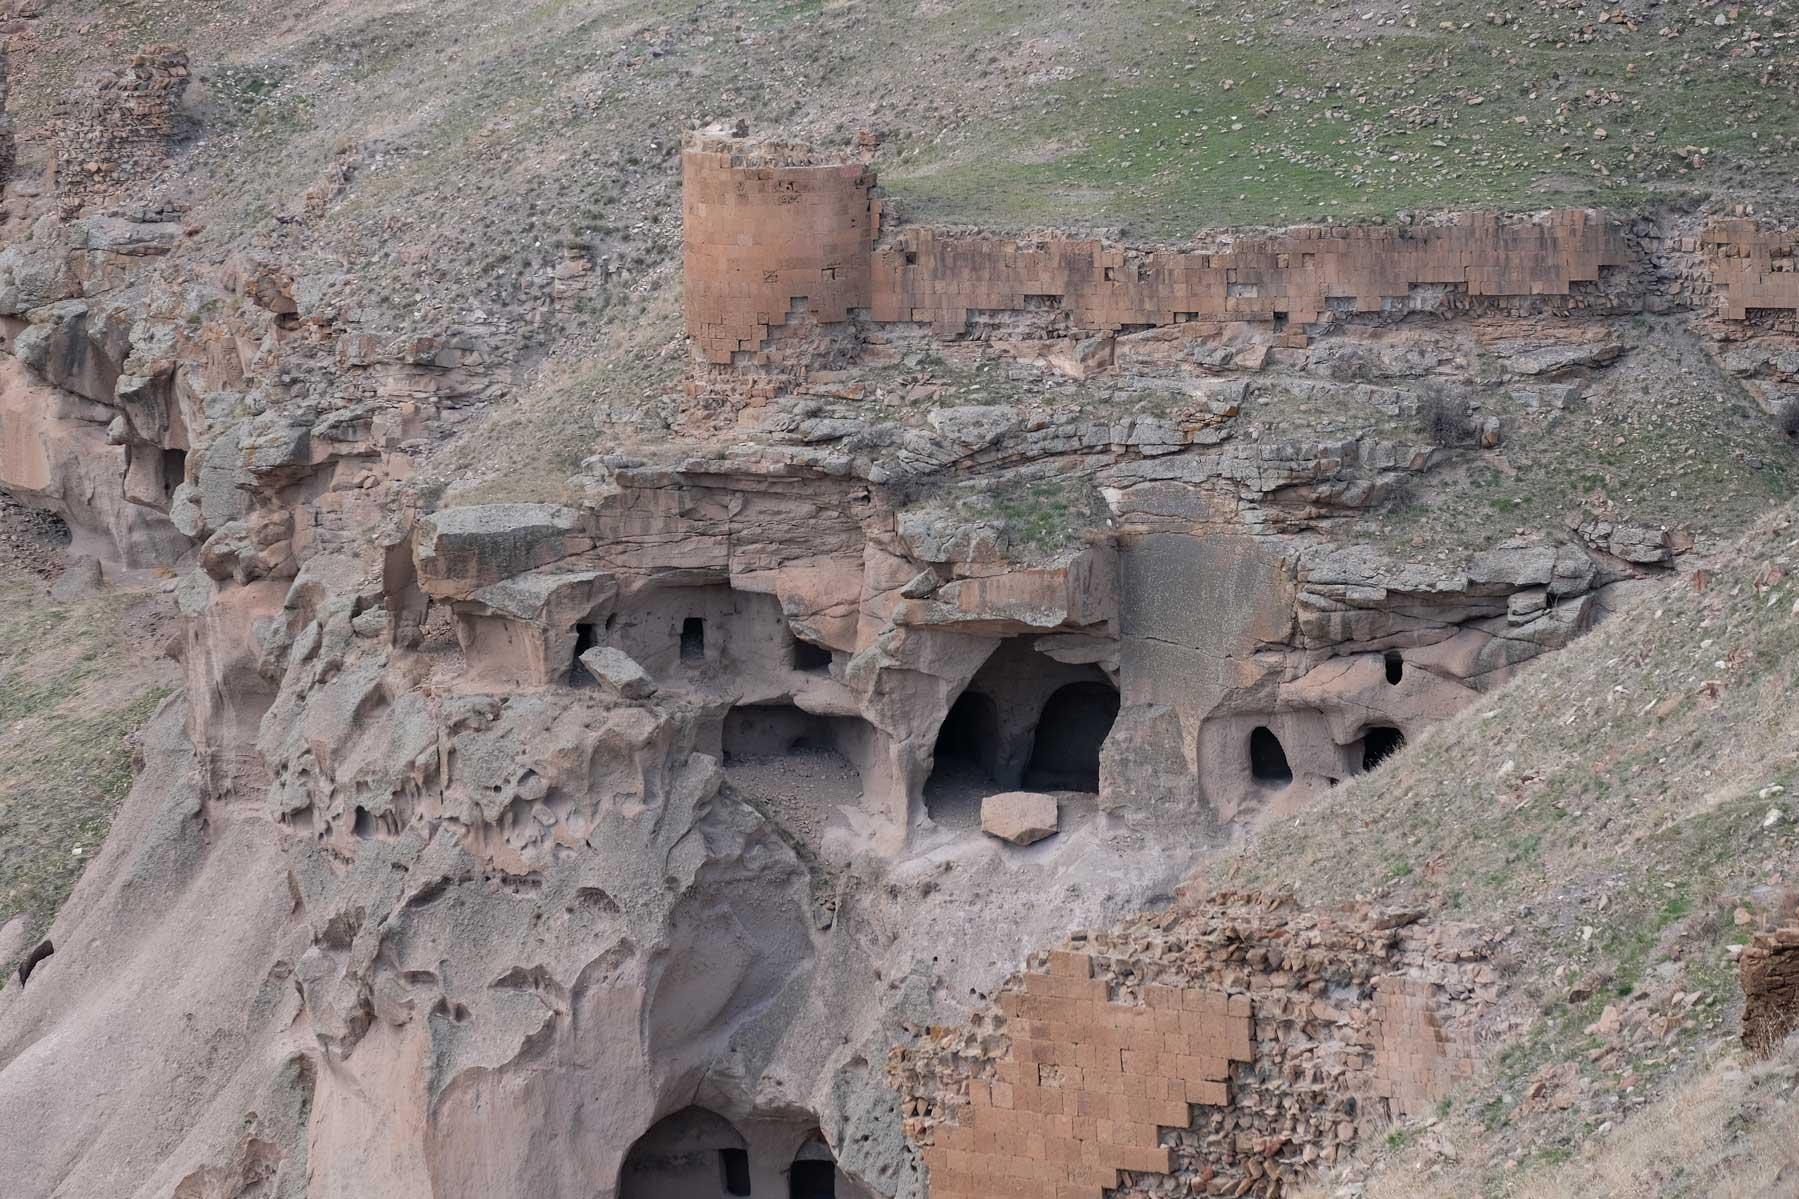 Ruinen von ehemals bewohnten Höhlen